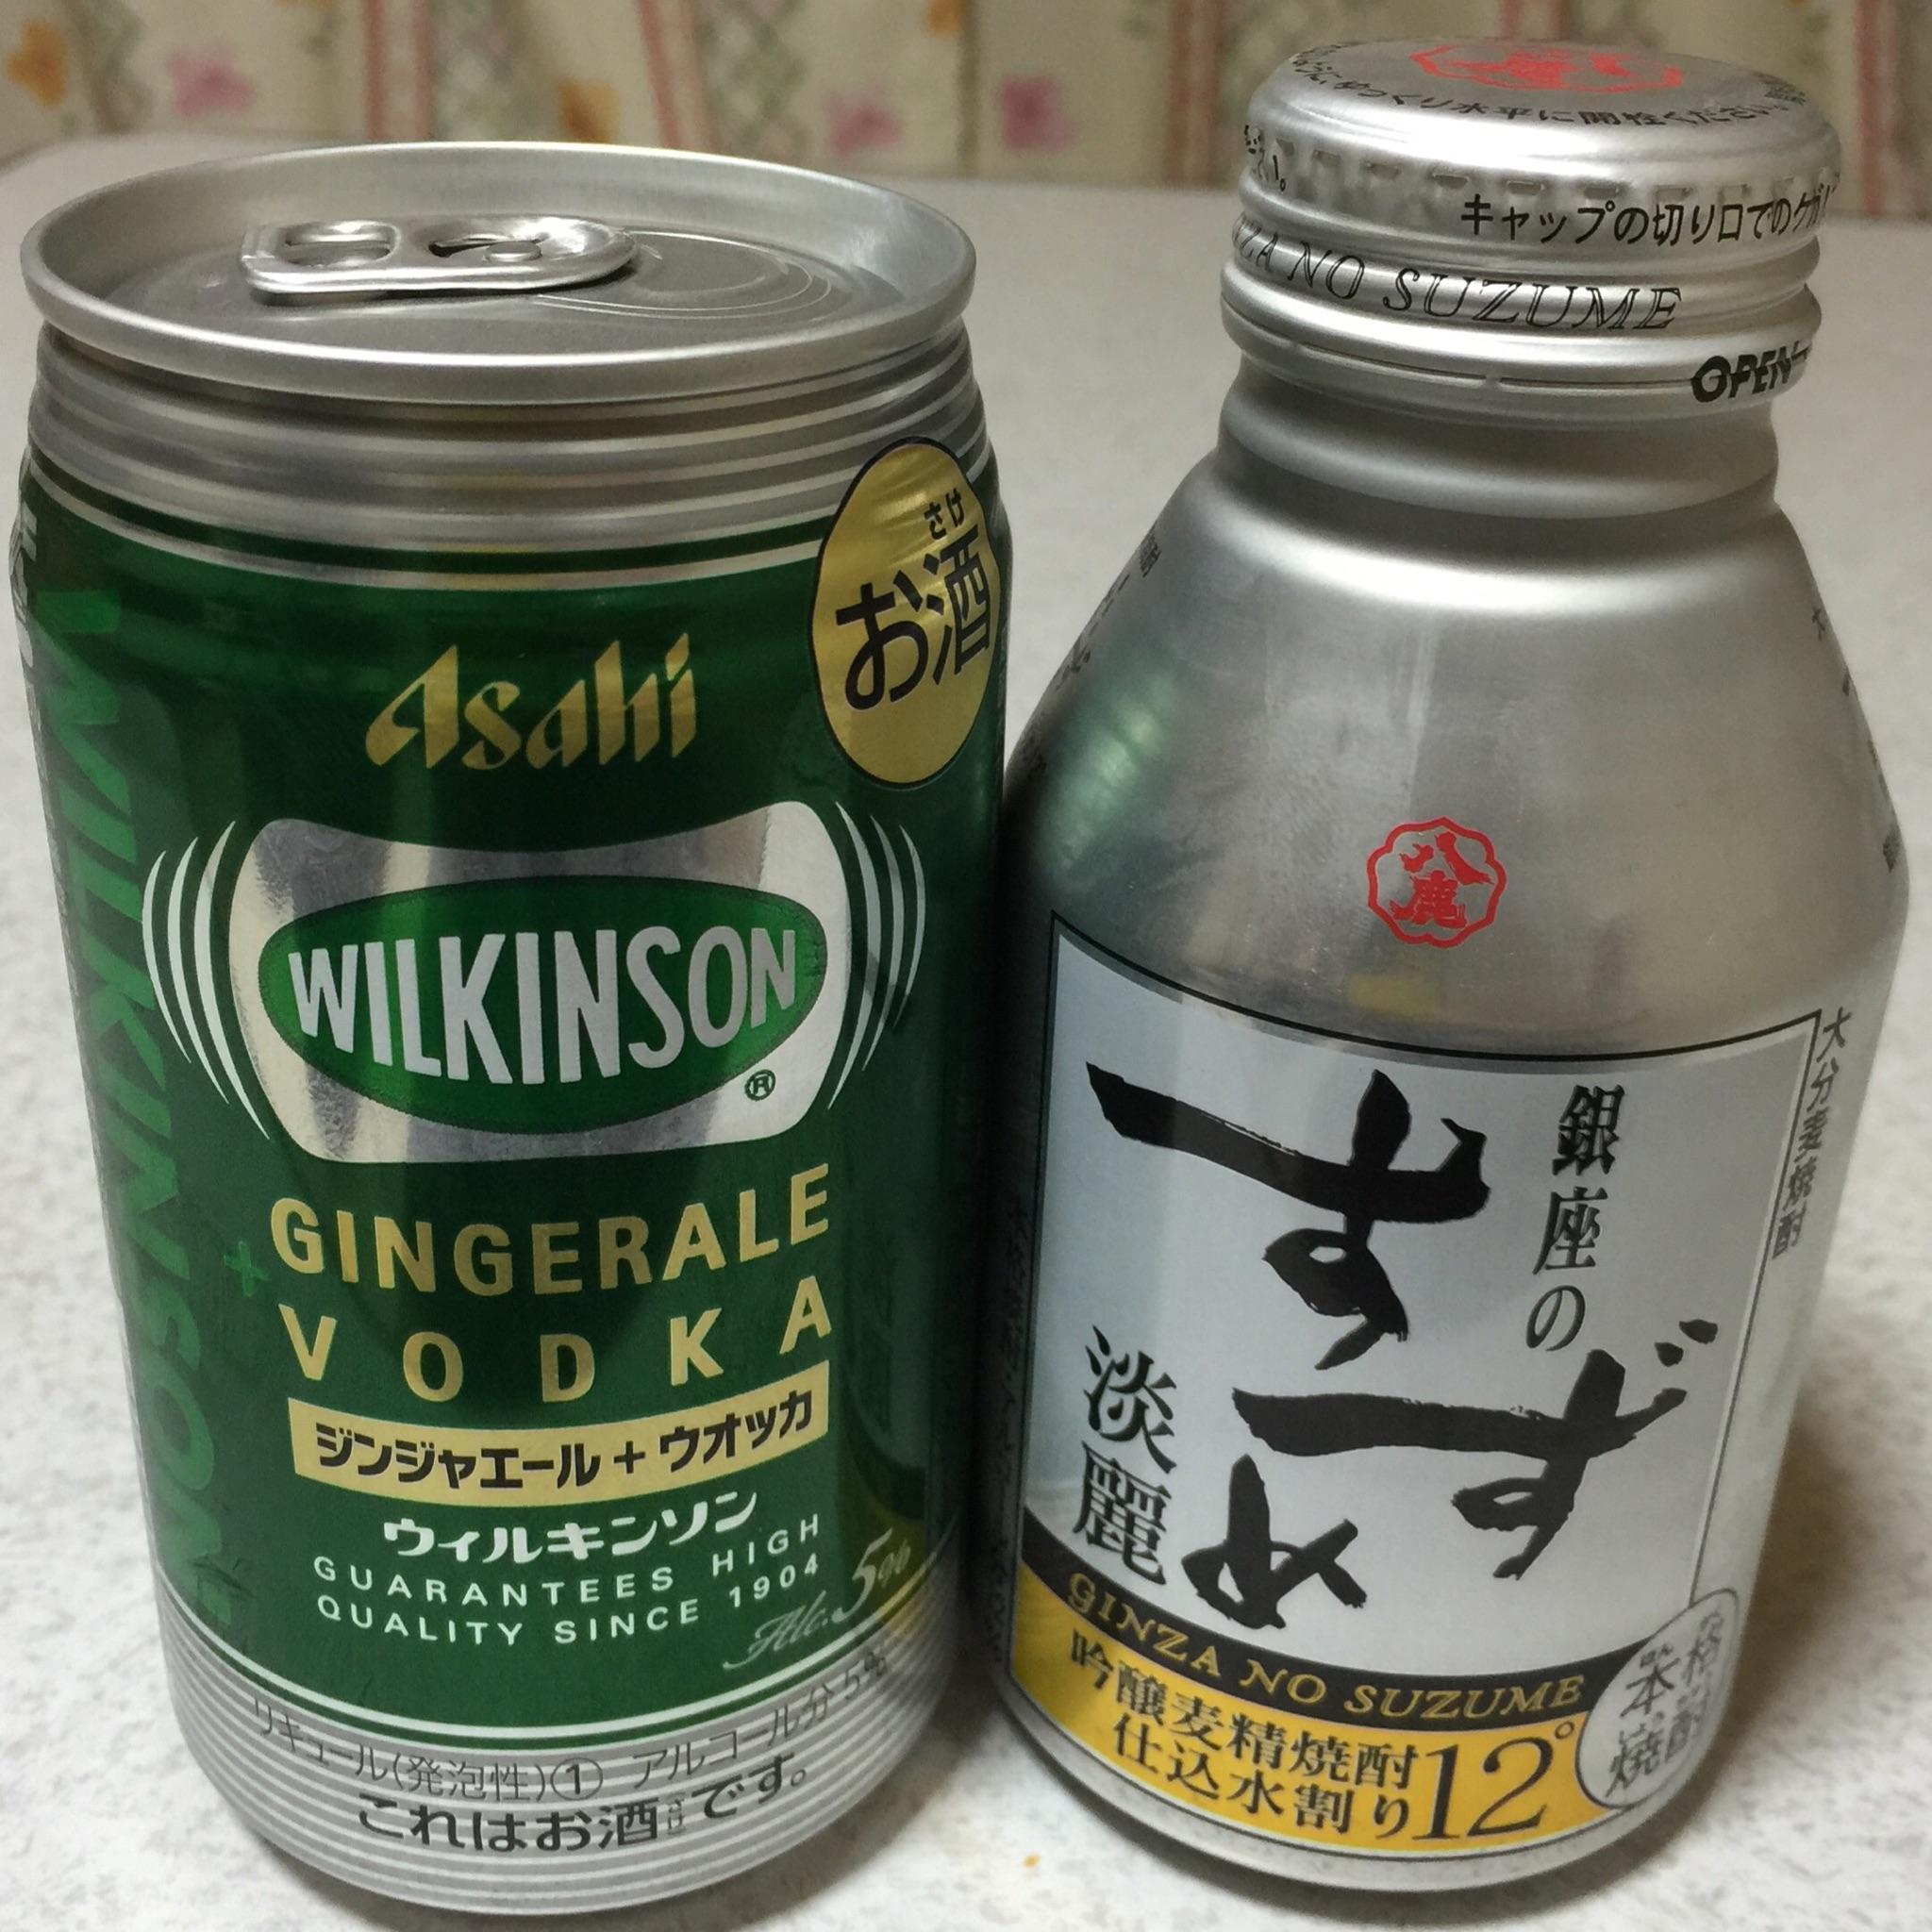 コンビニのお酒「ウィルキンソン ジンジャエール+ウォッカ」と「銀座のすずめ淡麗缶(たんれいかん)」